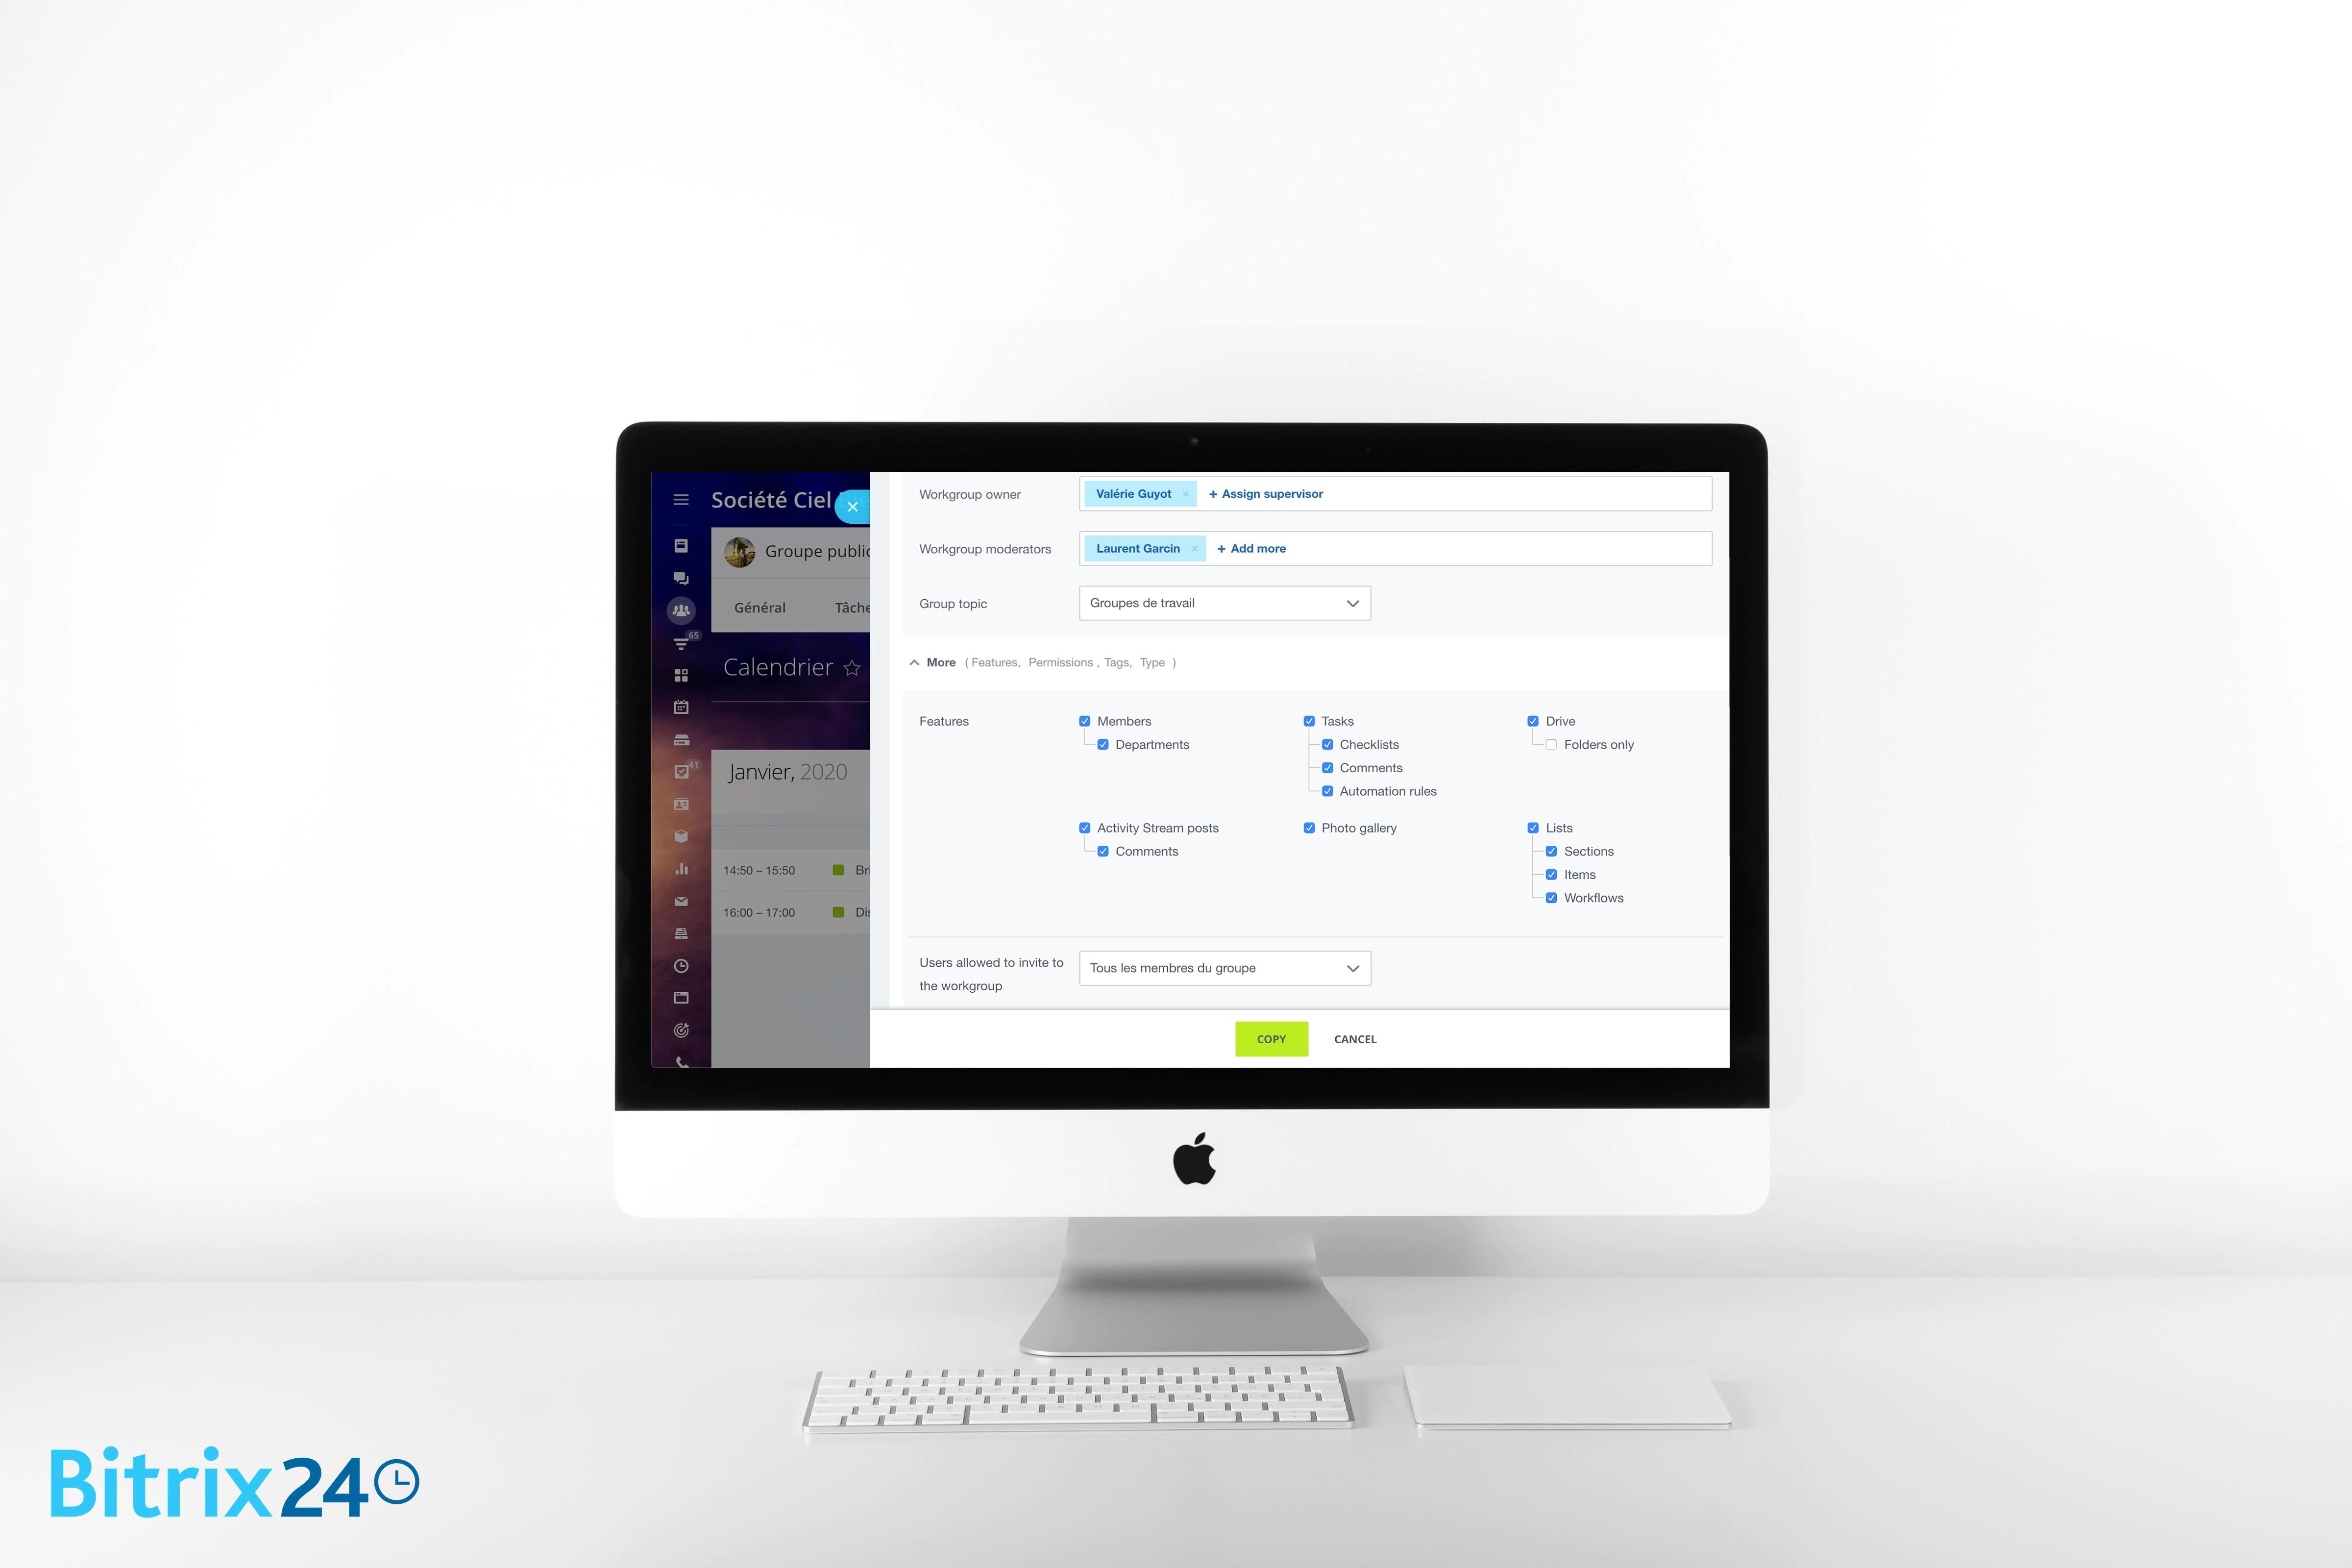 NOUVEAU - Copier les projets et les groupes